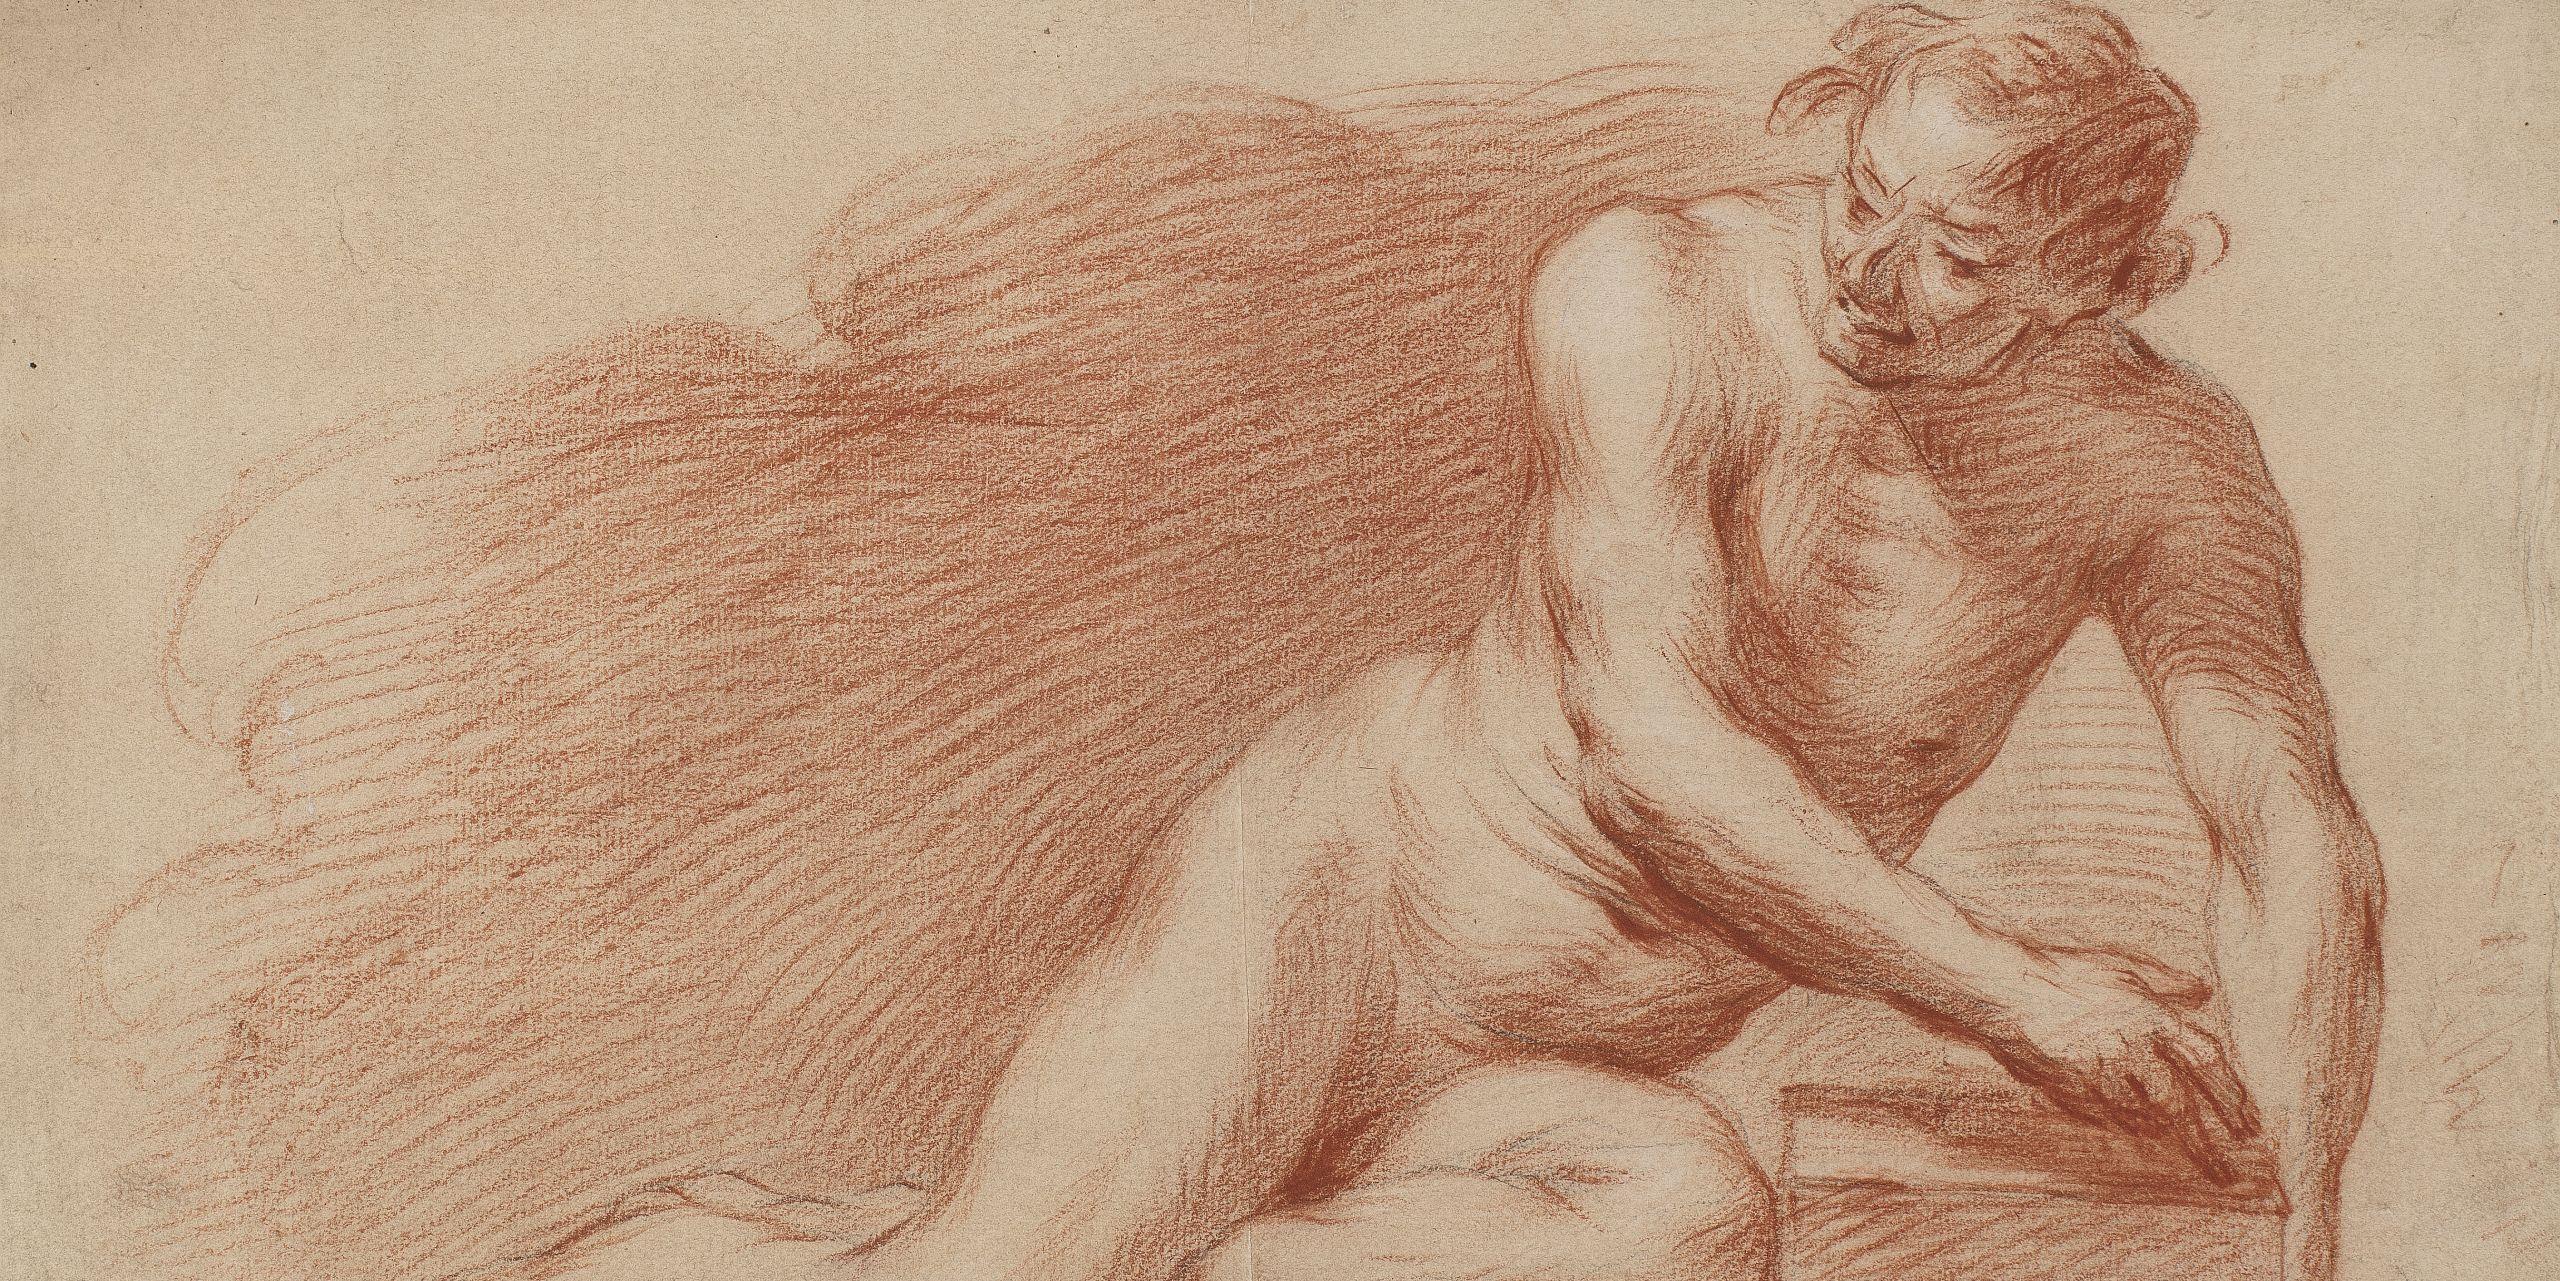 Palomino, Academia de desnudo